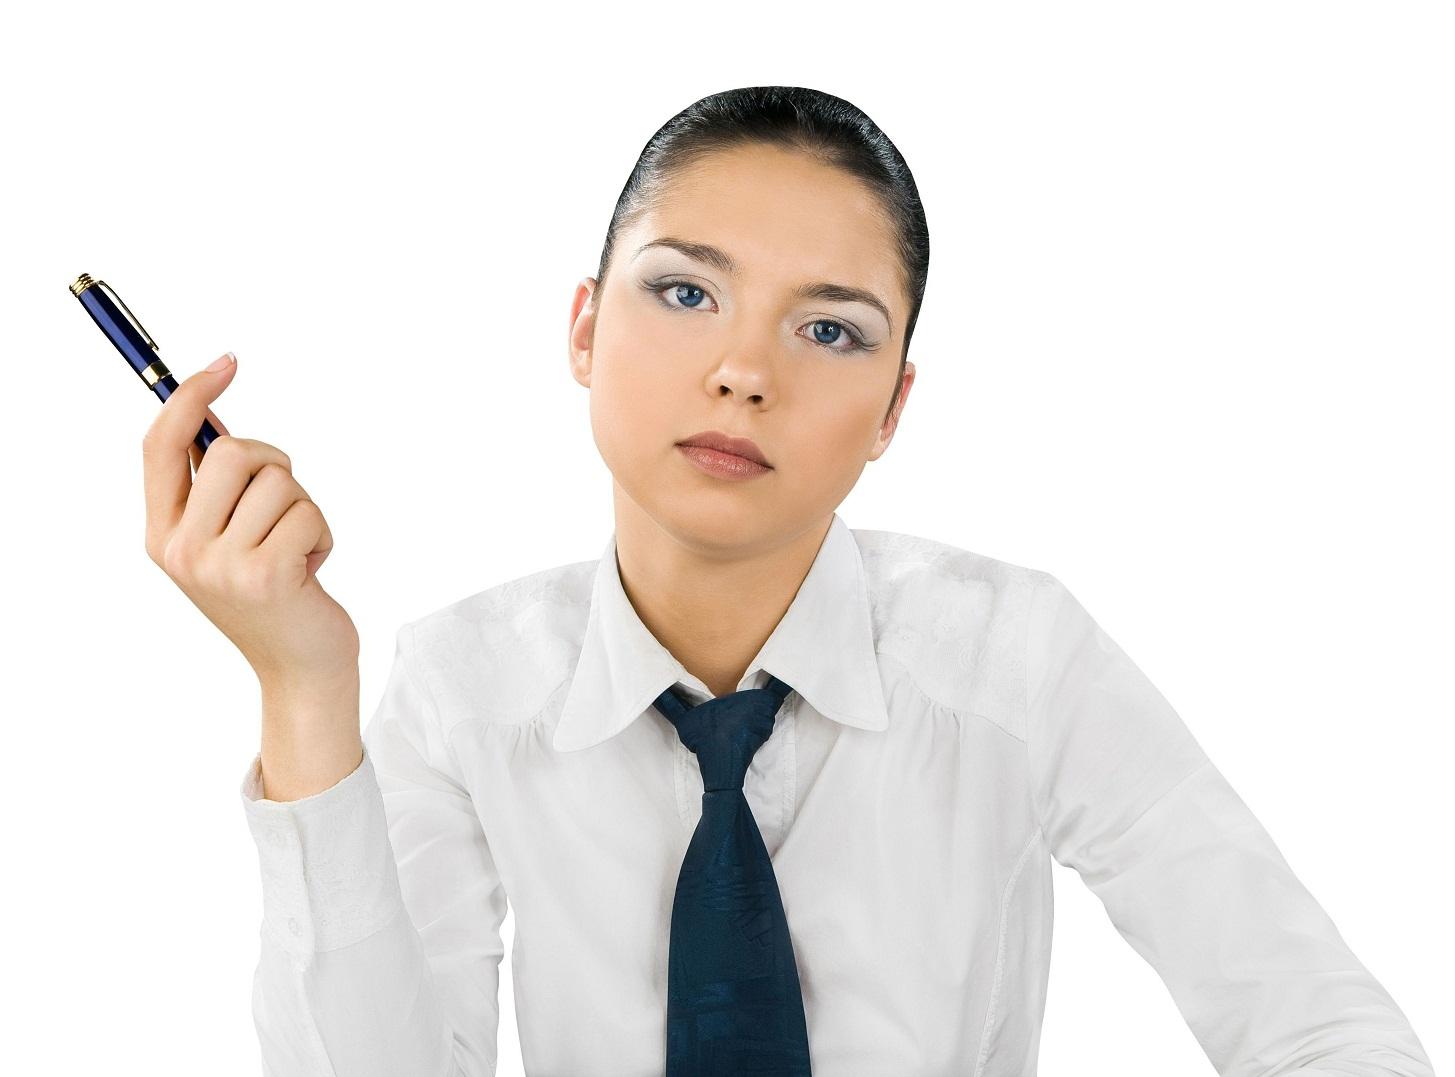 上から目線の人の心理や特徴をまとめ!対処法や直す方法はあるの?のサムネイル画像